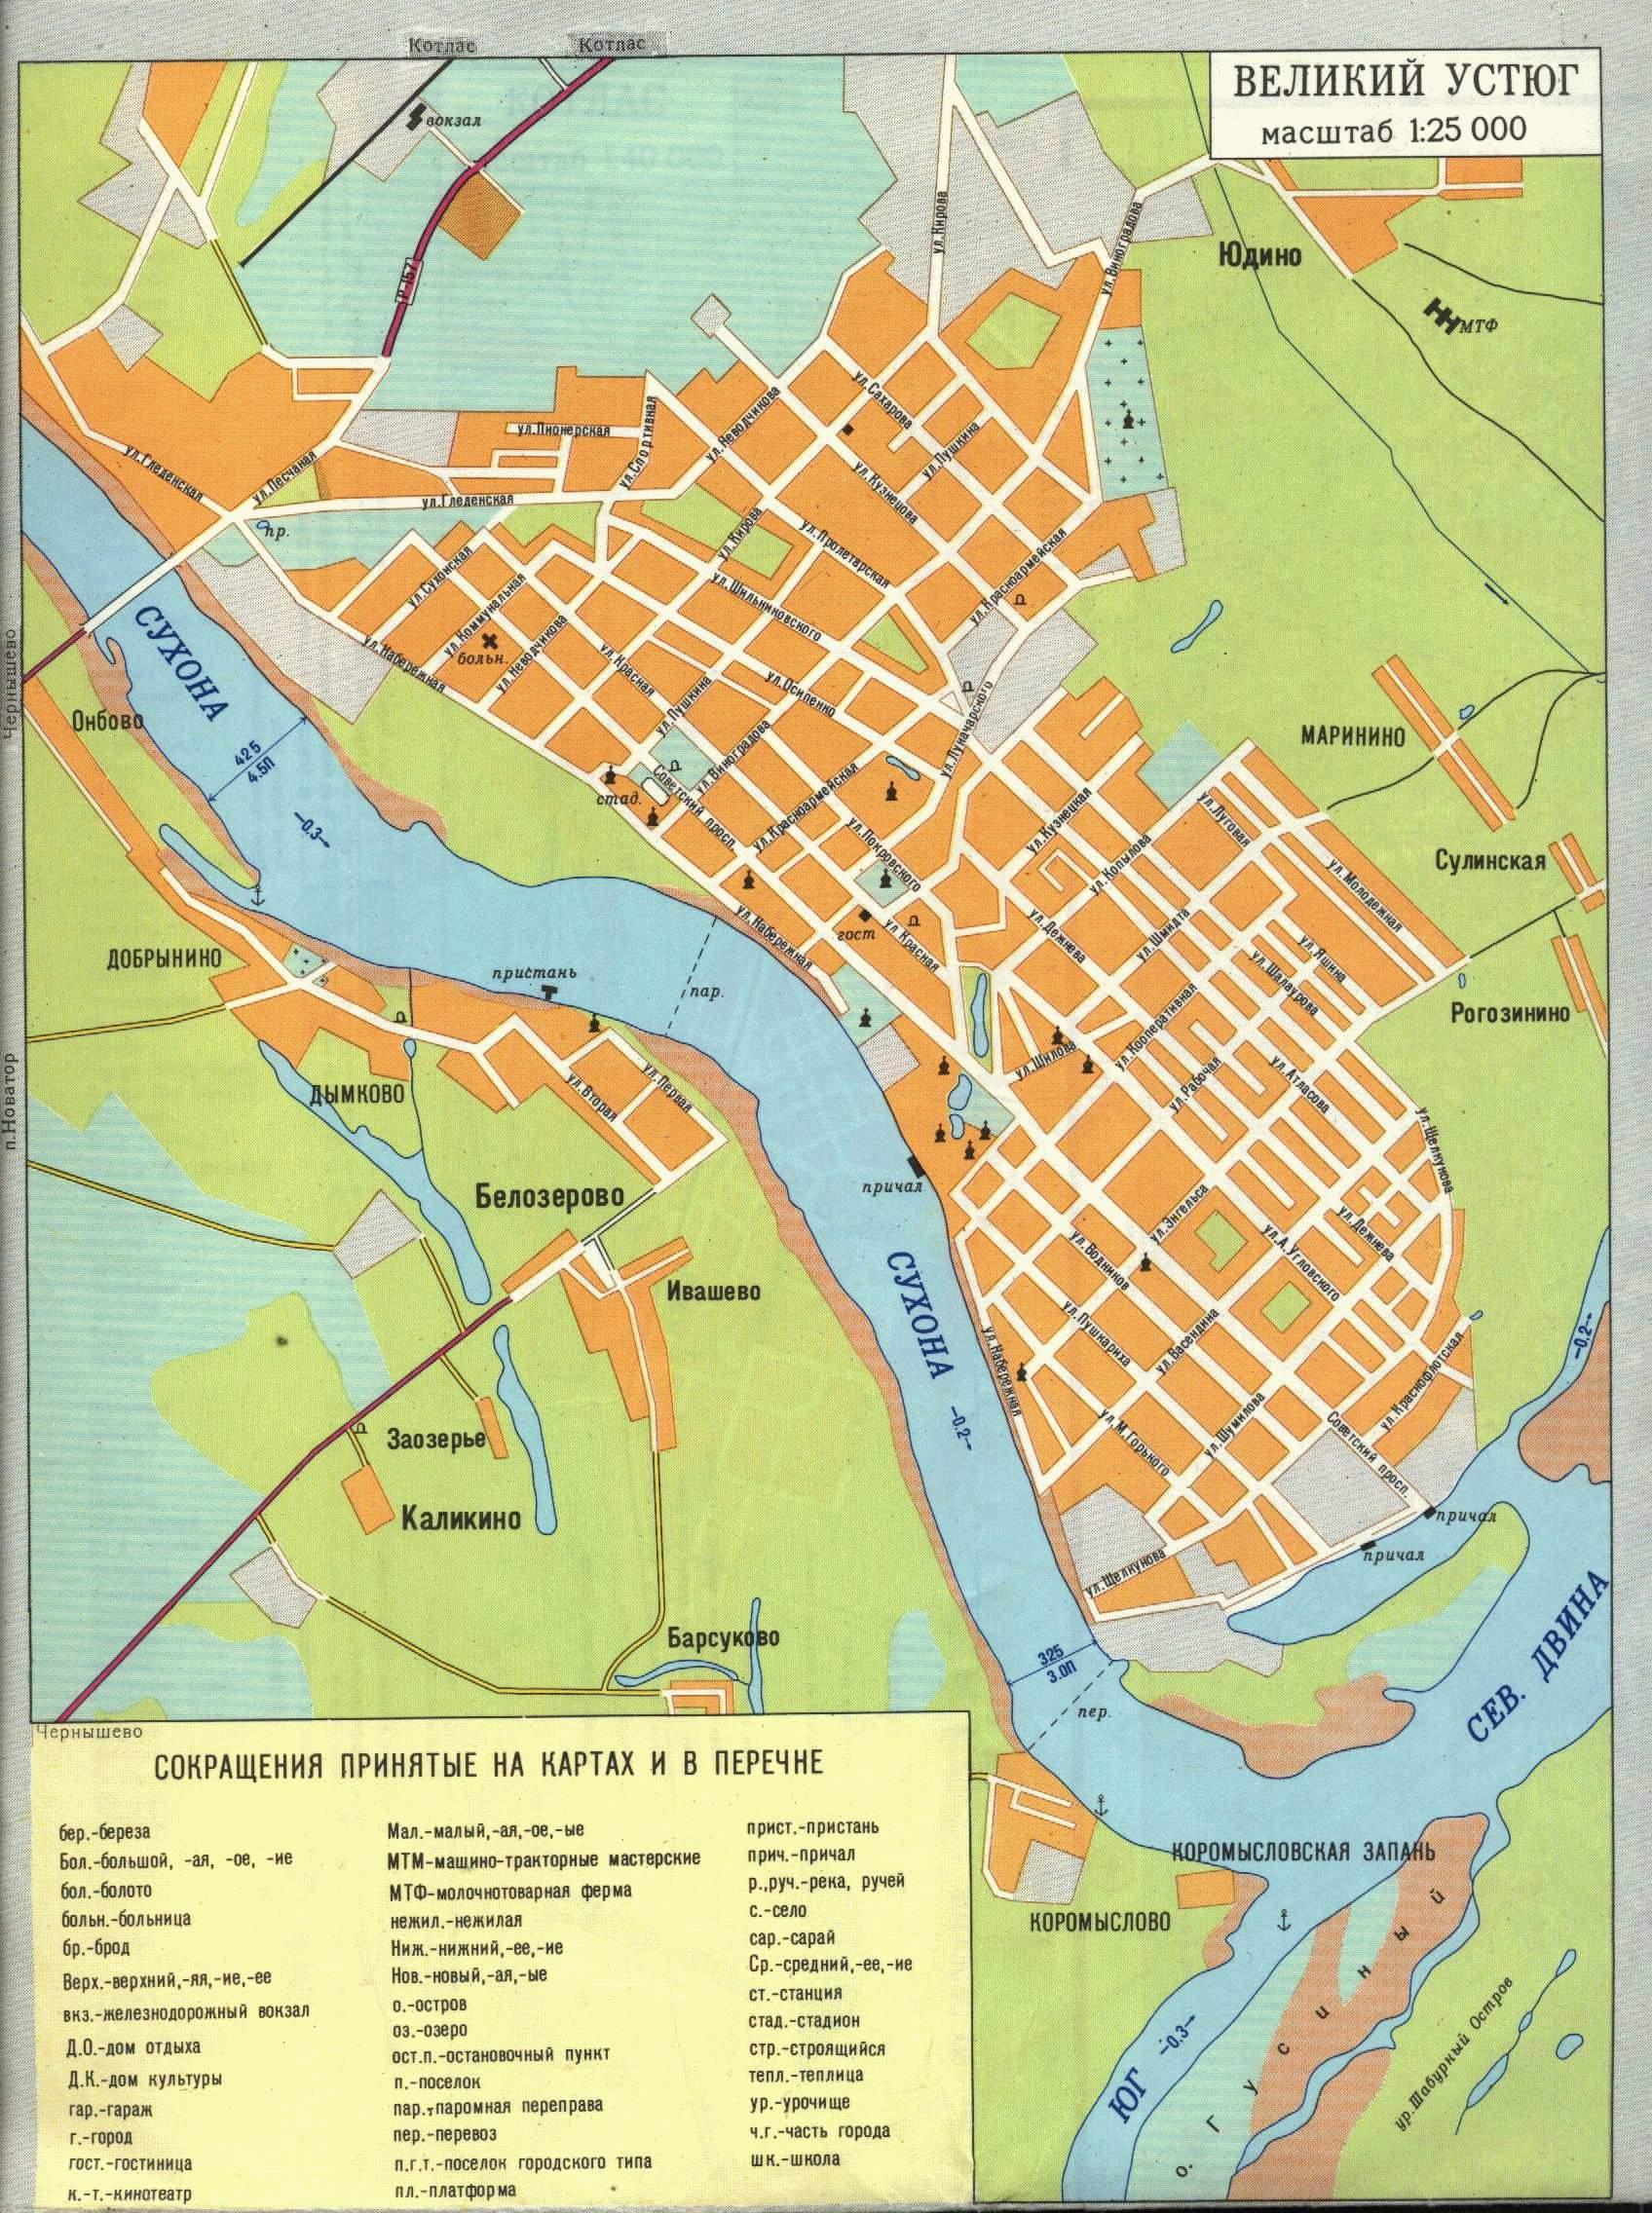 Карта Великого Устюга содержит подробную схему улиц города с названиями объектов культуры, школ и прочего, магазинов...